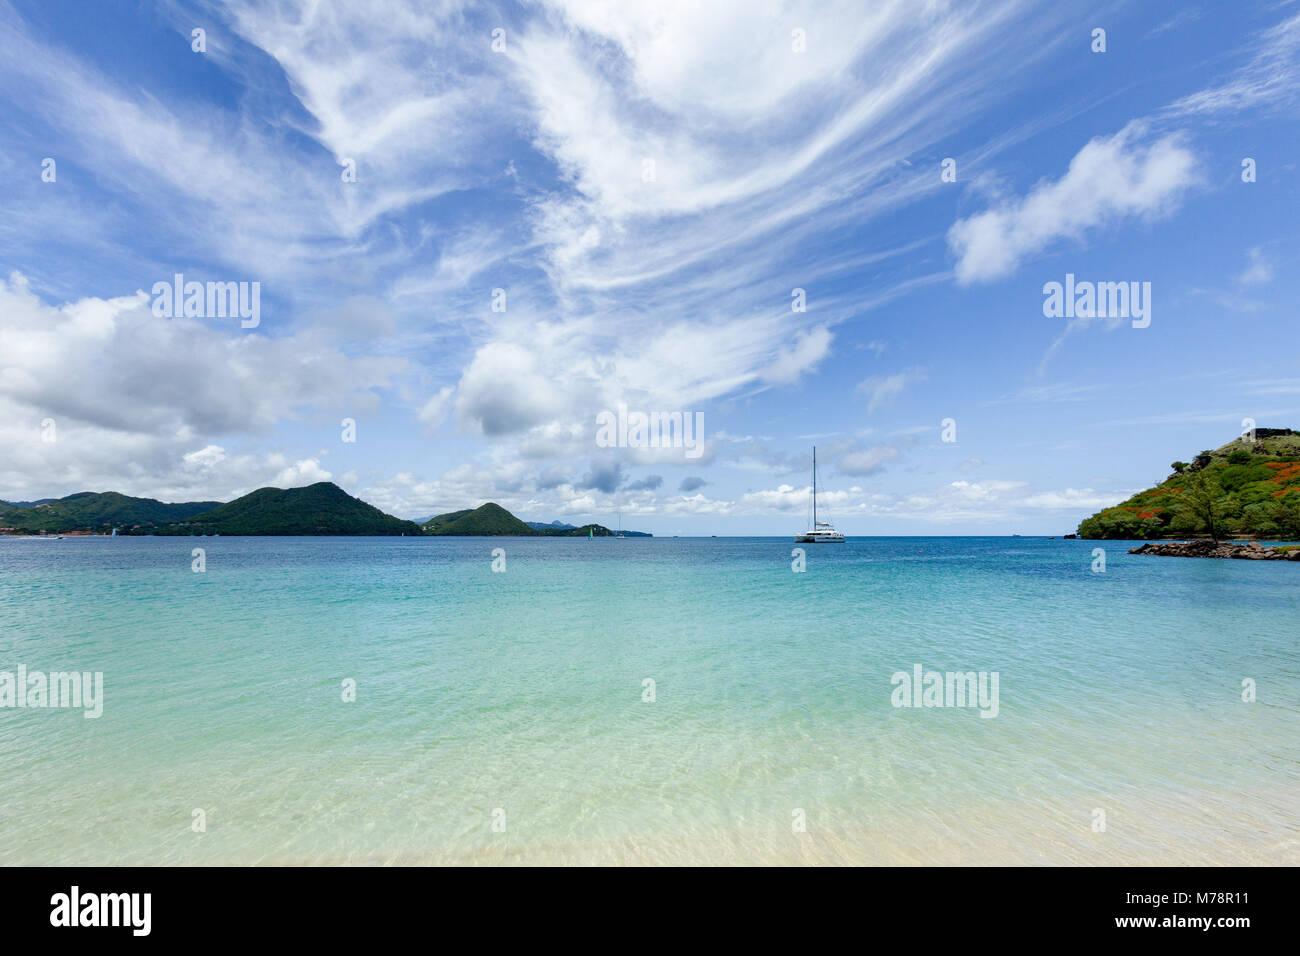 Die schöne, klare Wasser bei Rodney Bay, St. Lucia, Windward Islands, West Indies Karibik, Mittelamerika Stockbild